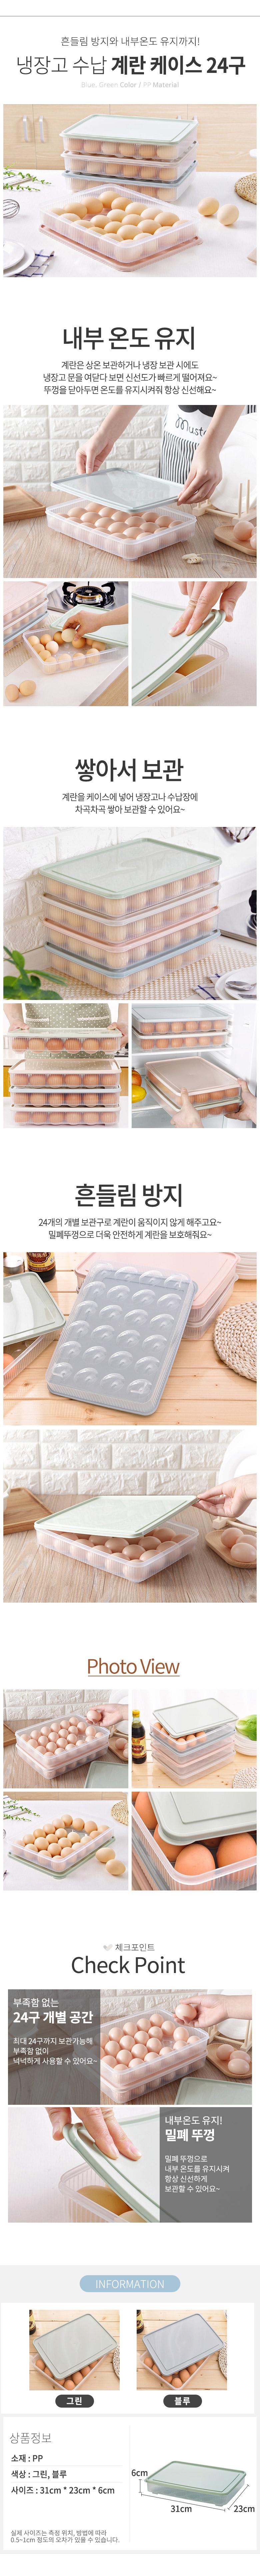 냉장고 정리 계란케이스 24구 - 삼도, 6,900원, 밀폐/보관용기, 반찬/밀폐용기